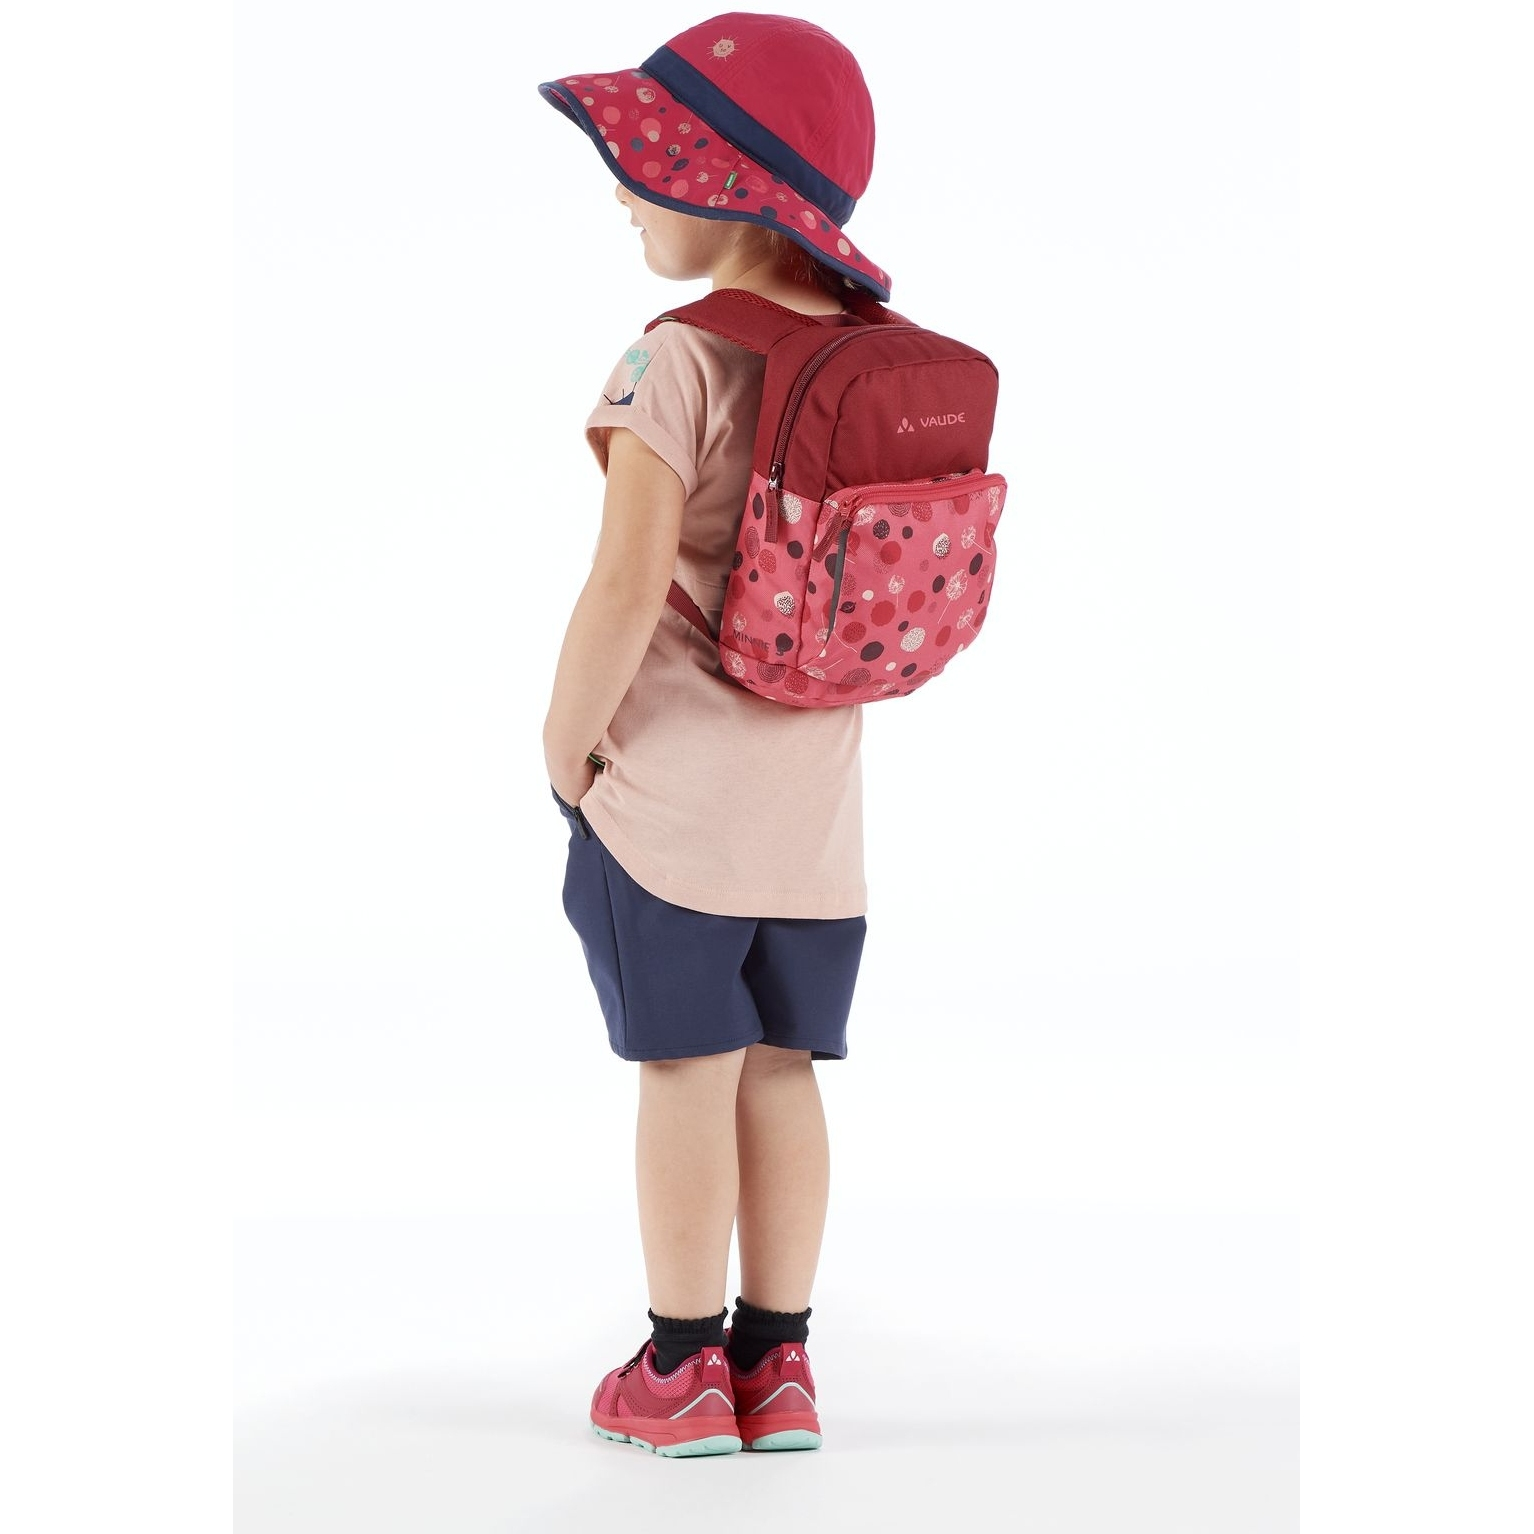 Bild von Vaude Minnie 5 Kinderrucksack - bright pink/cranberry